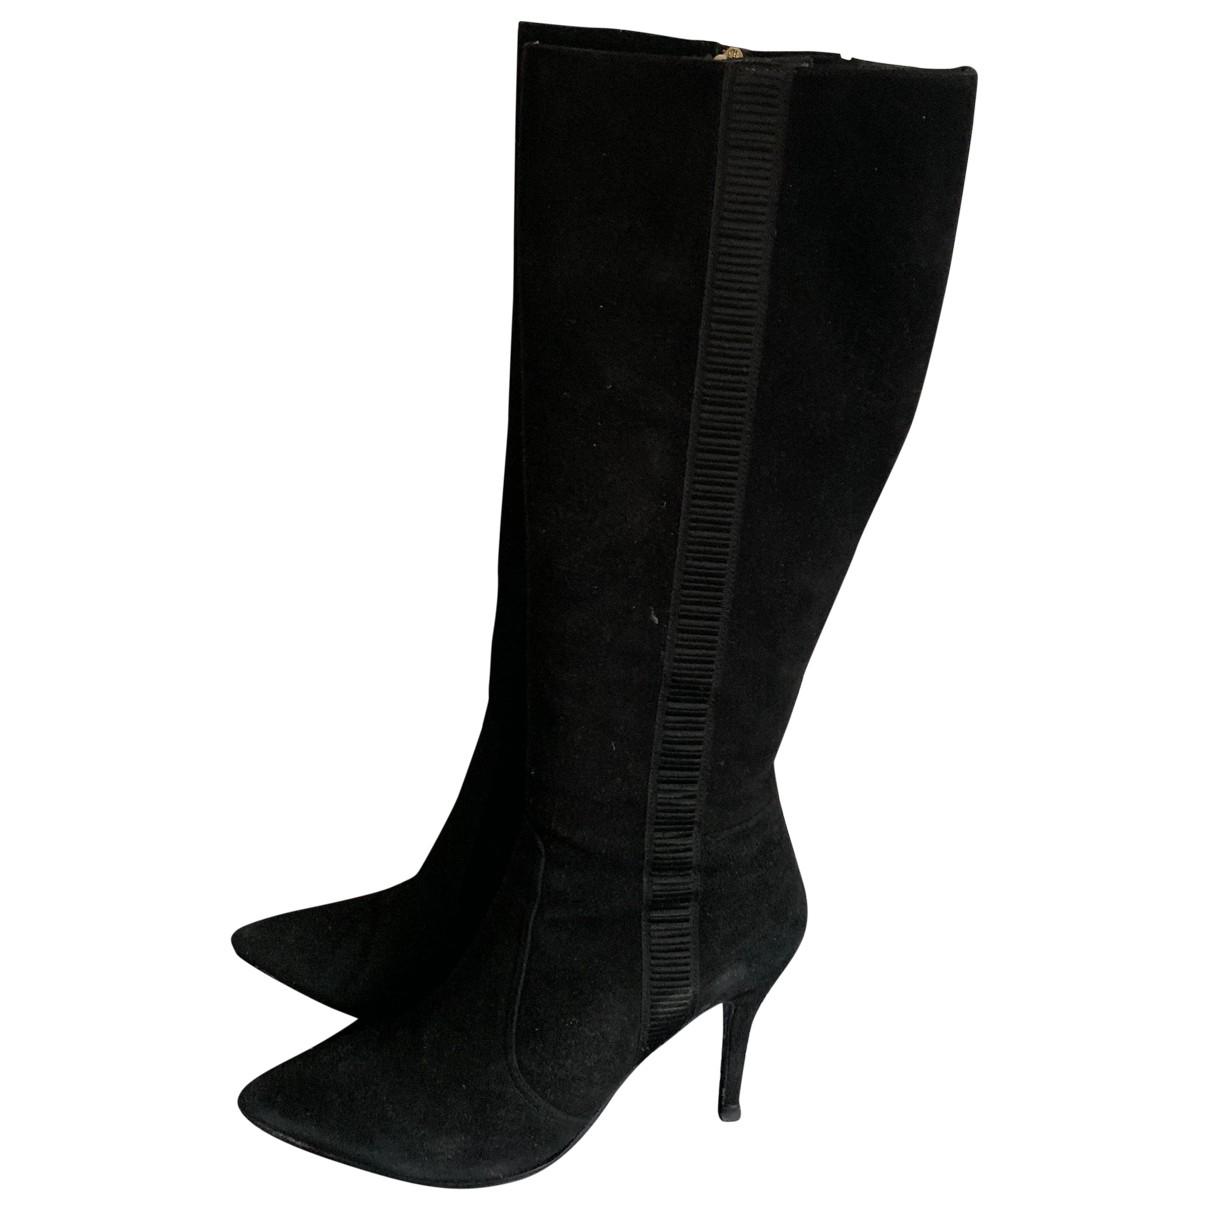 Lk Bennett \N Black Leather Boots for Women 40 EU